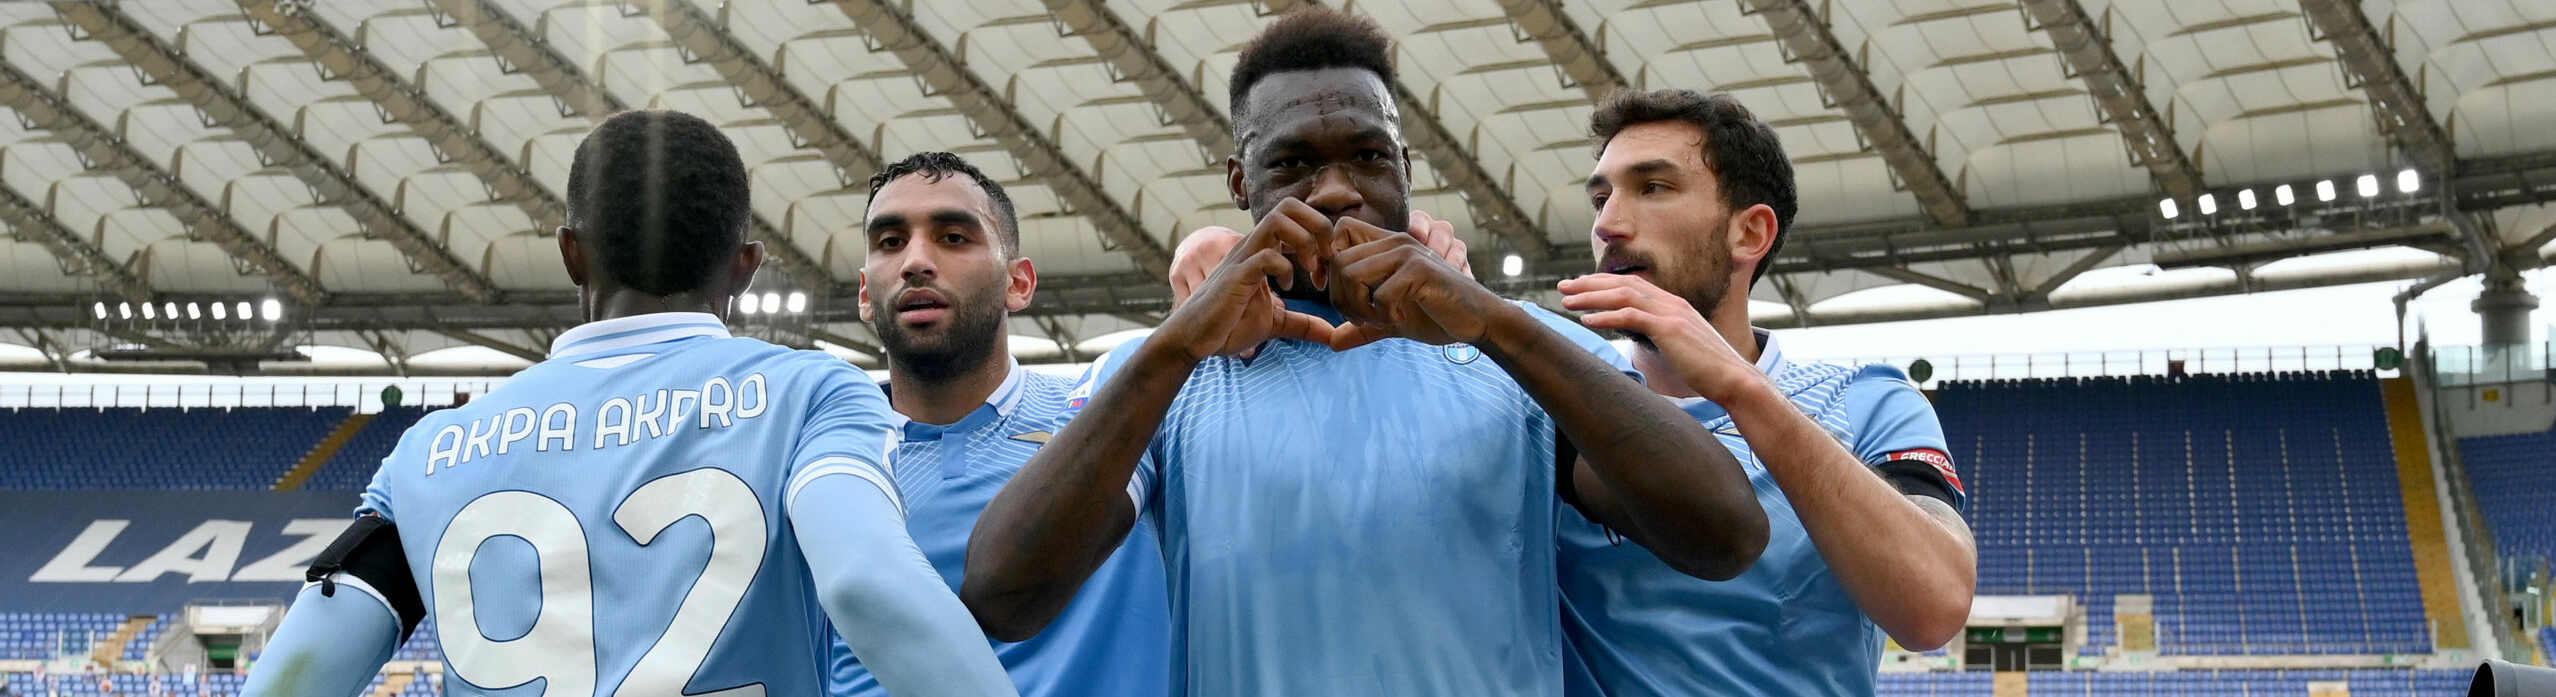 Verona-Lazio, esame Hellas per l'Aquila con ambizioni europee